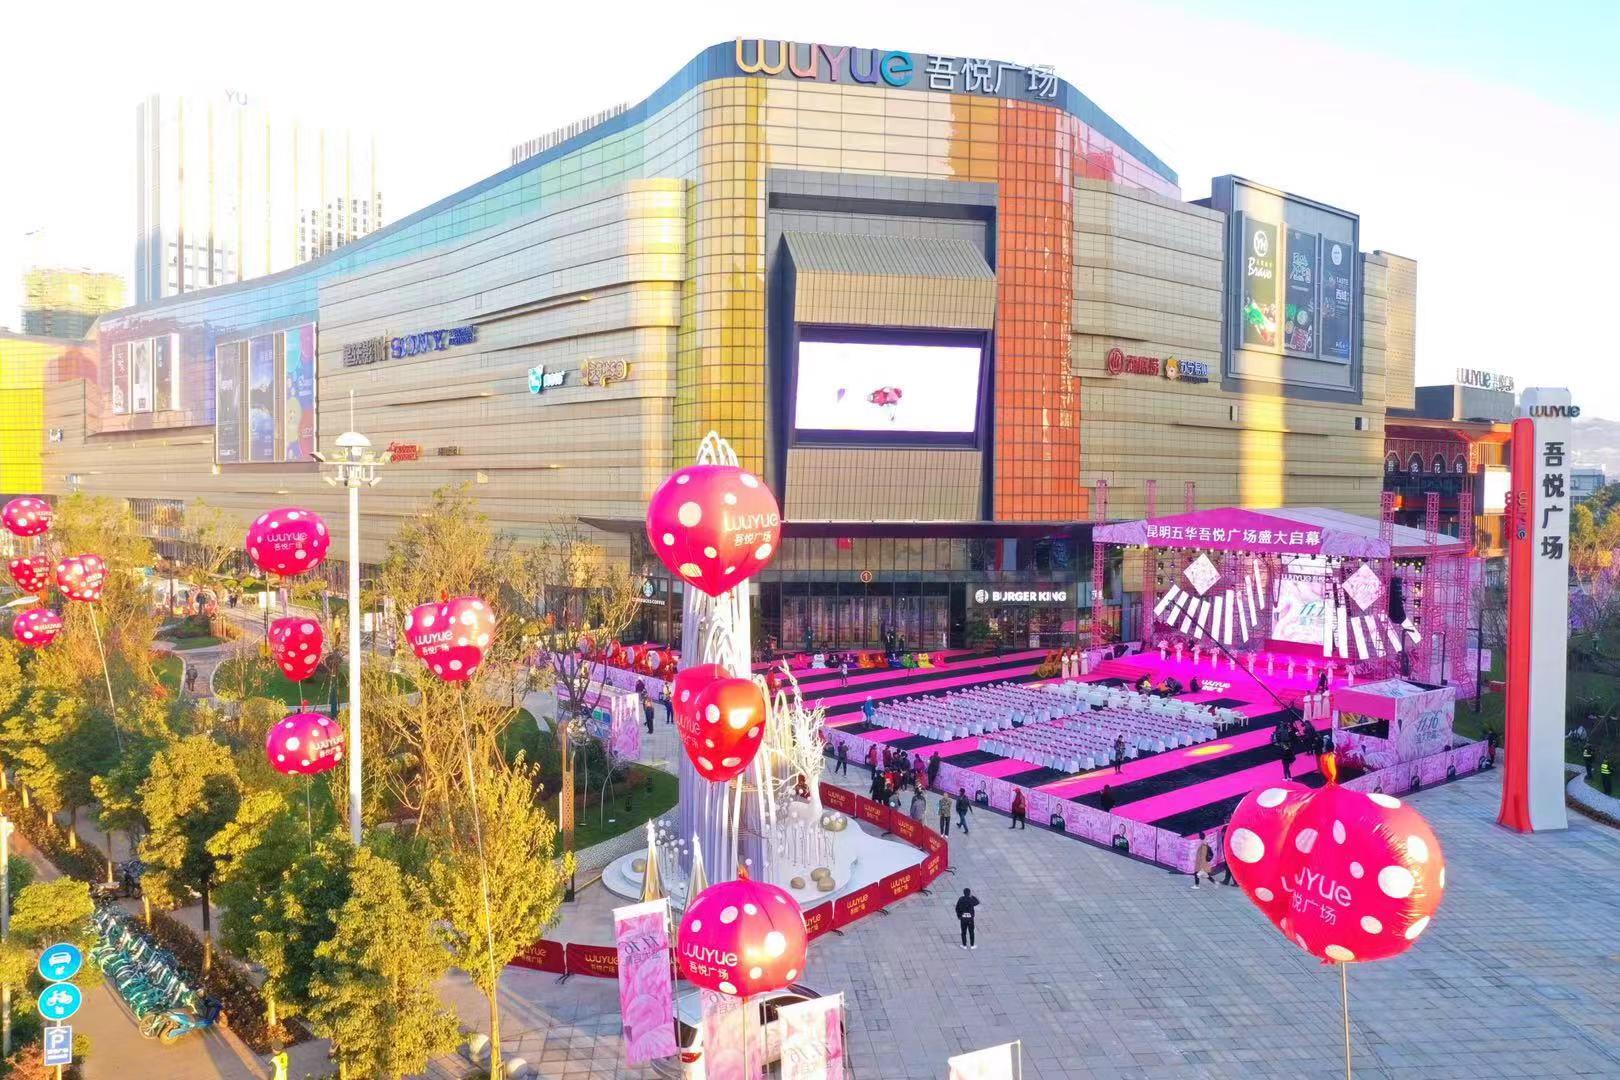 昆明五华吾悦广场开业首日客流28.75万 销售额突破1109万元